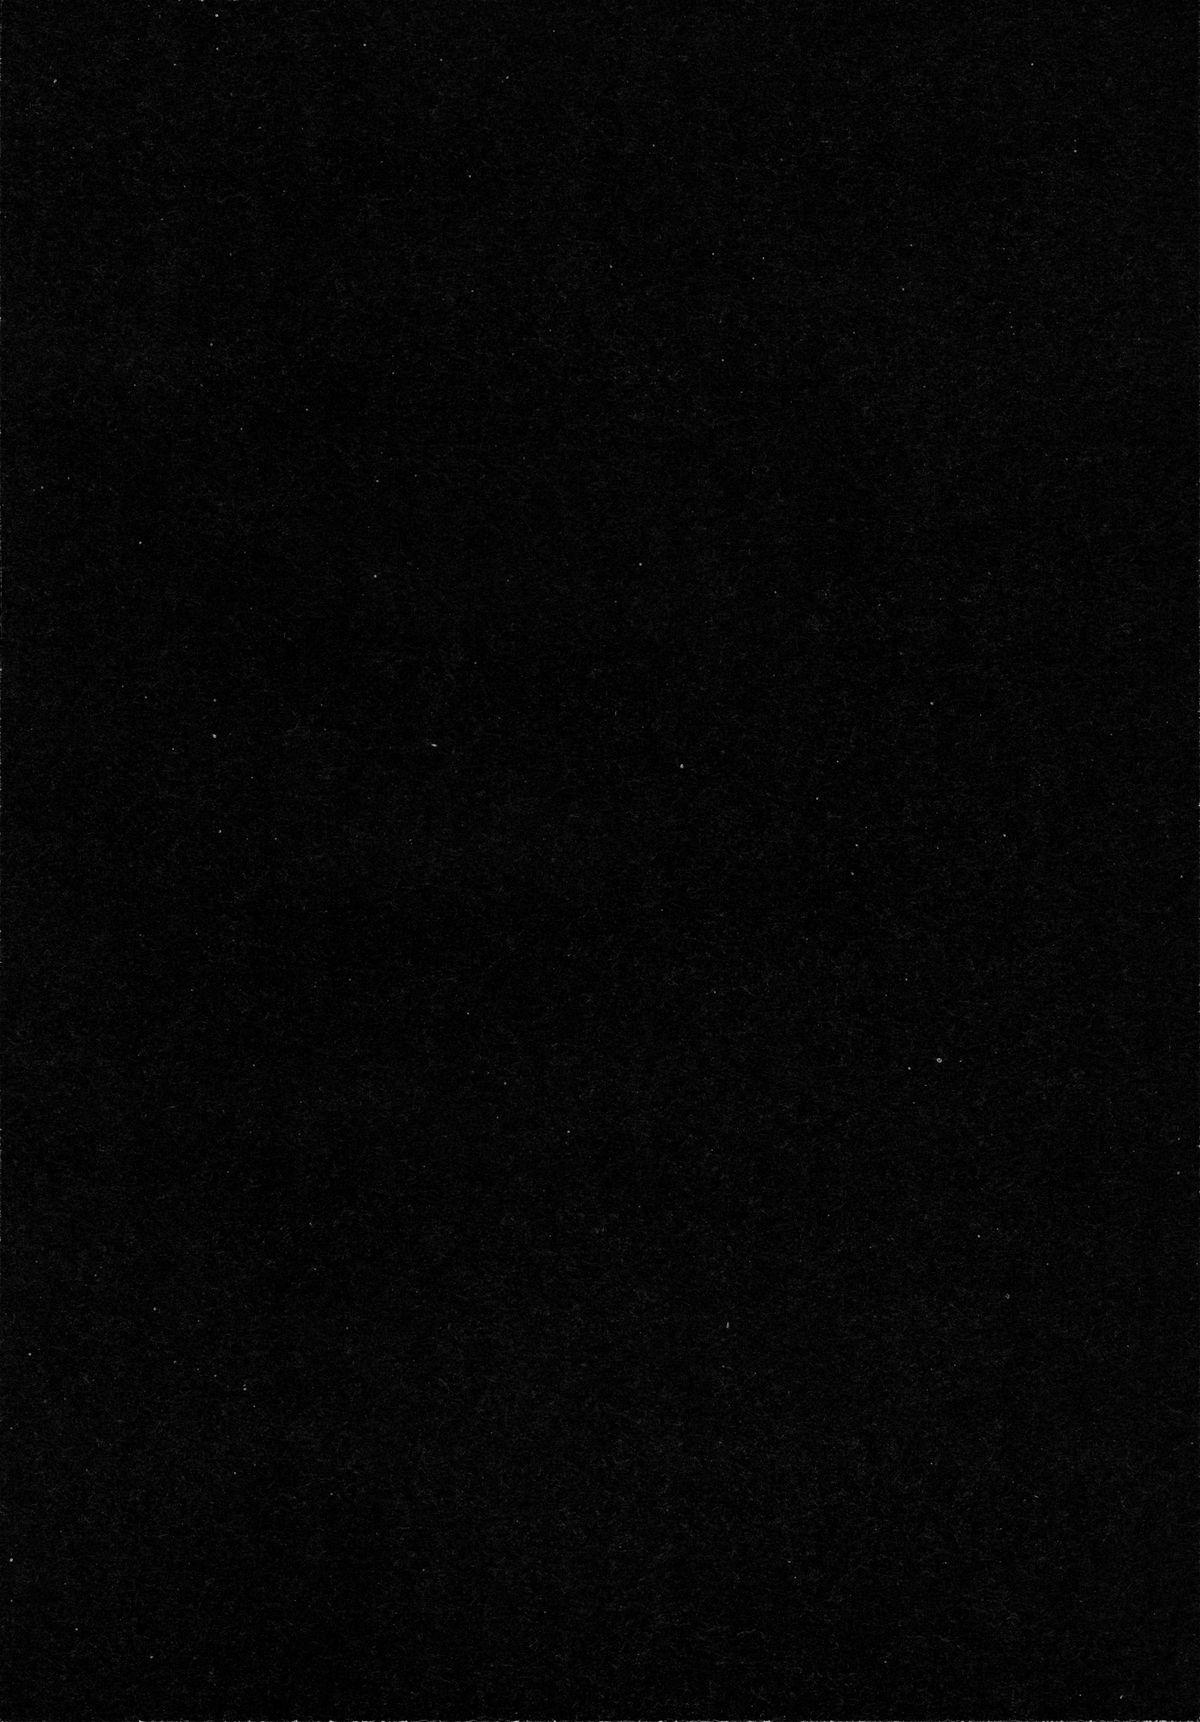 Hình ảnh  trong bài viết CHERRY PiCKING DAYS